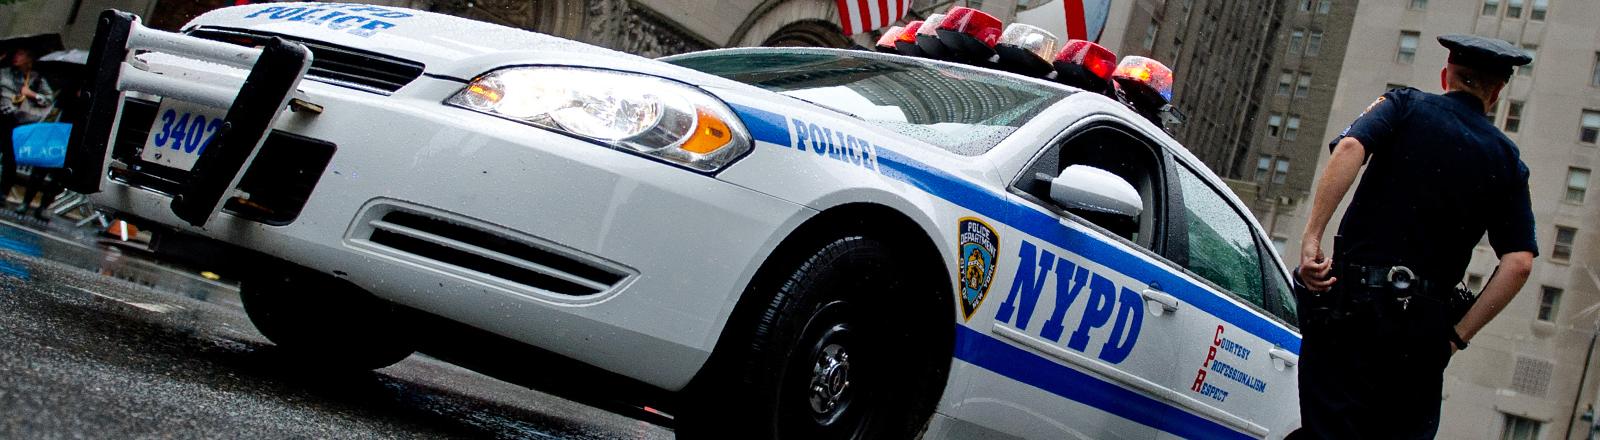 Ein Cop der New Yorker Polizei steht neben seinem Polizeiauto.